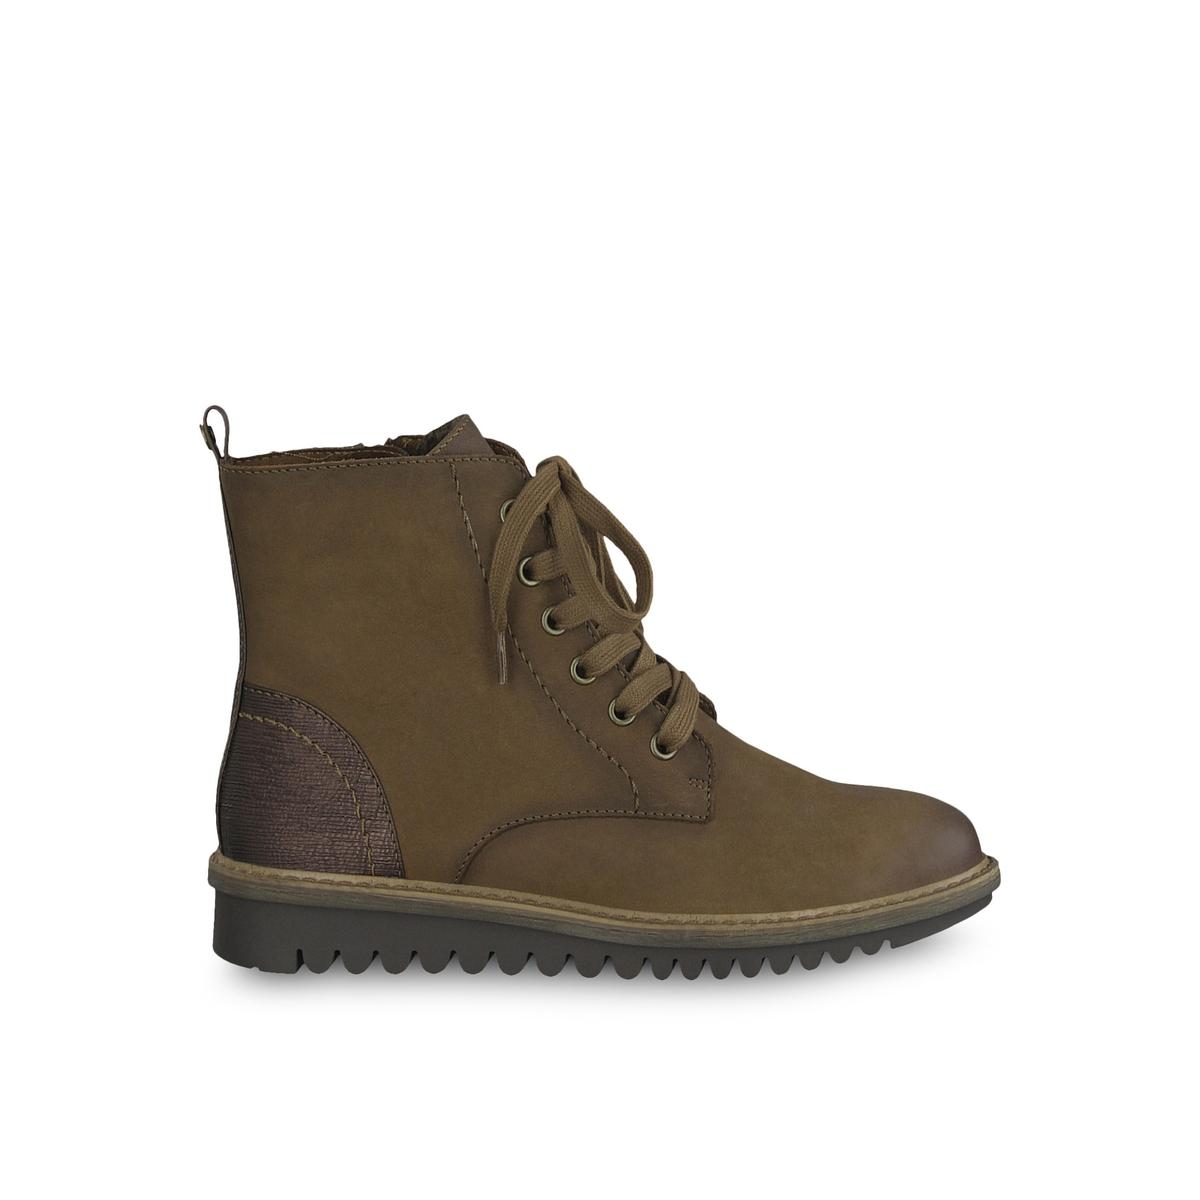 Ботинки La Redoute Кожаные Sapele 39 каштановый